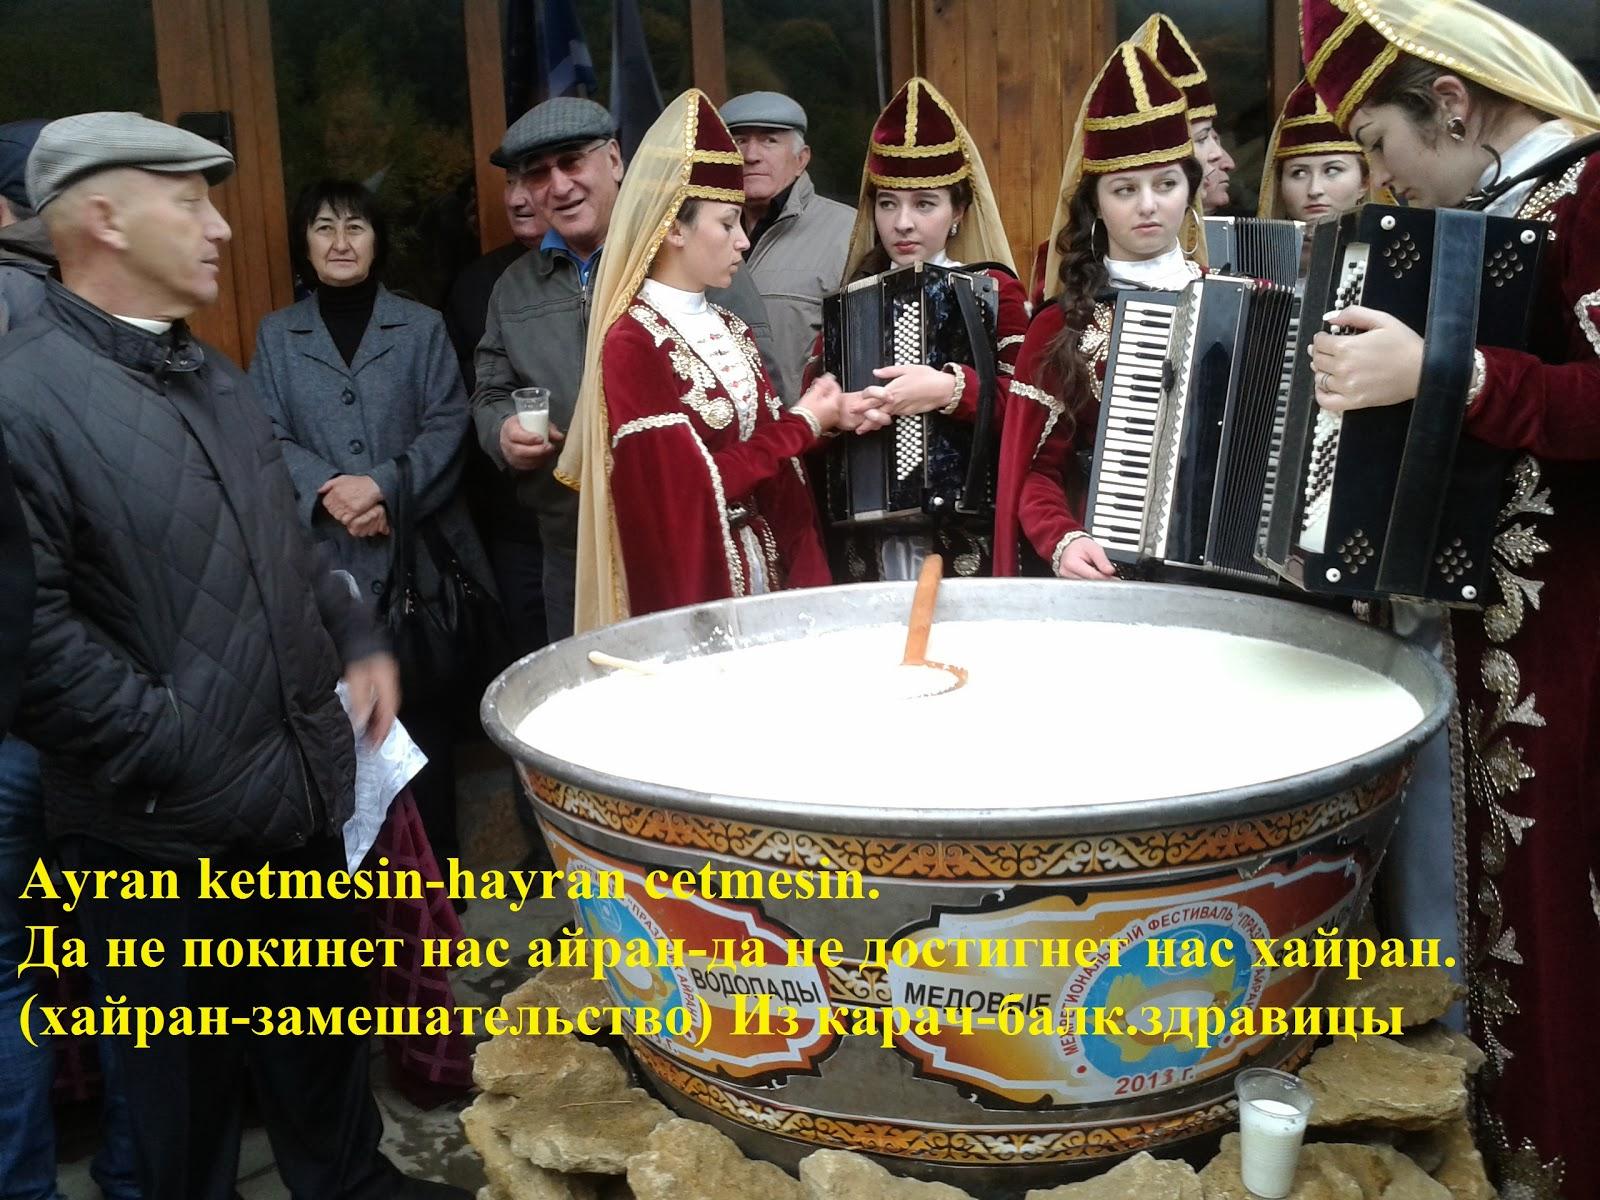 фестиваль карачаевского айрана